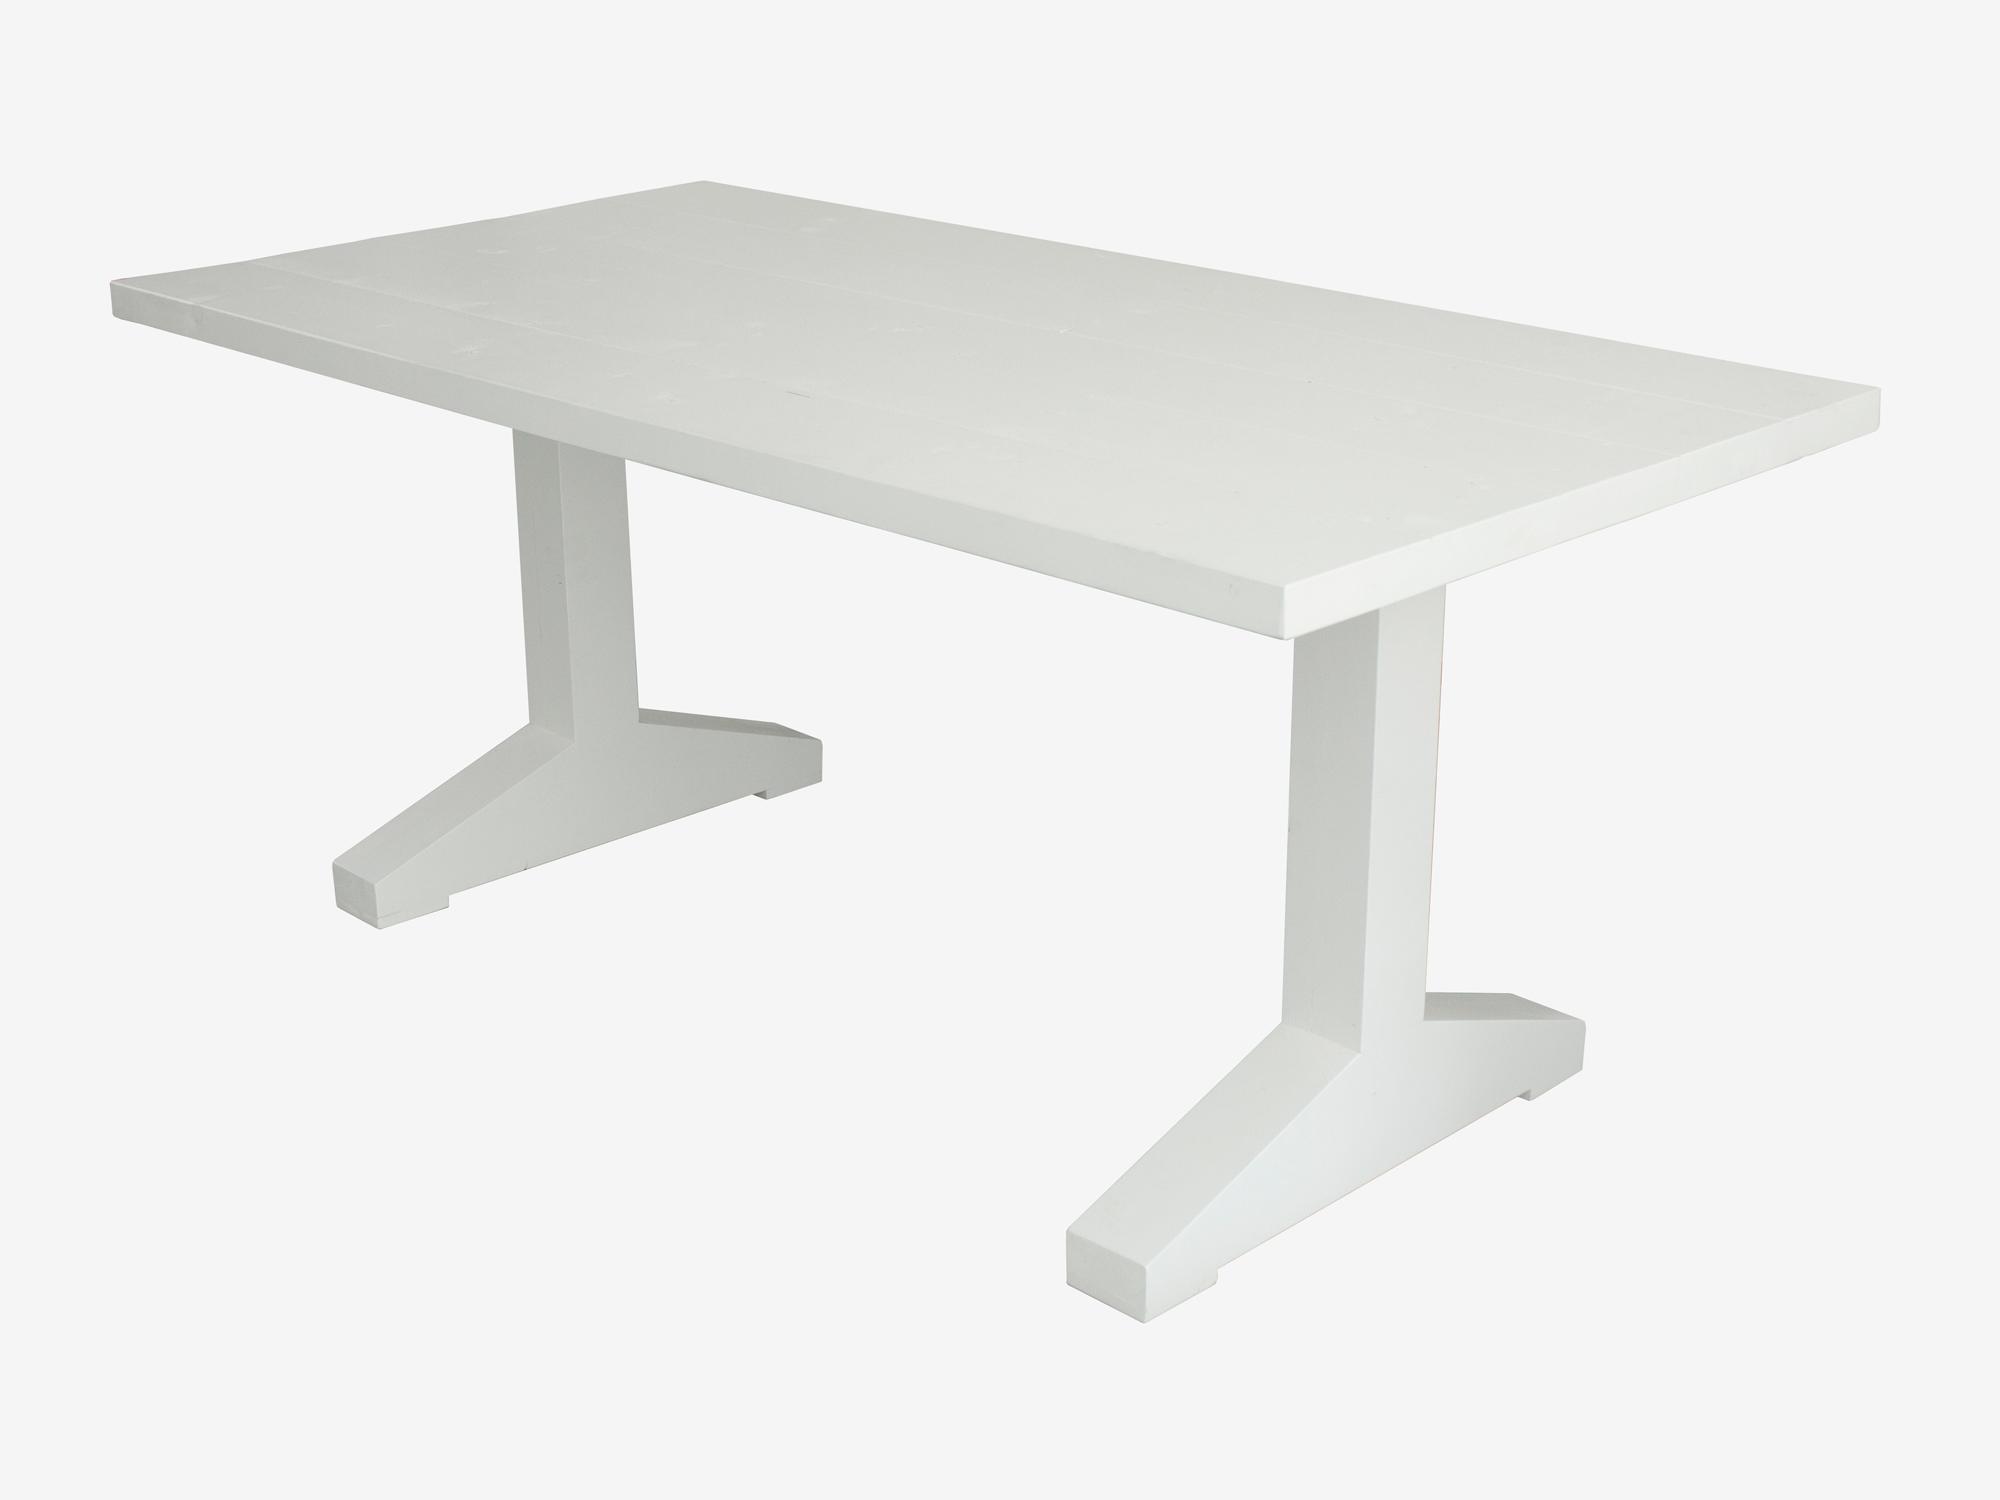 Marktplaats Tafel Stoelen : Eettafel stoelen op marktplaats leenbakker leren stoelen